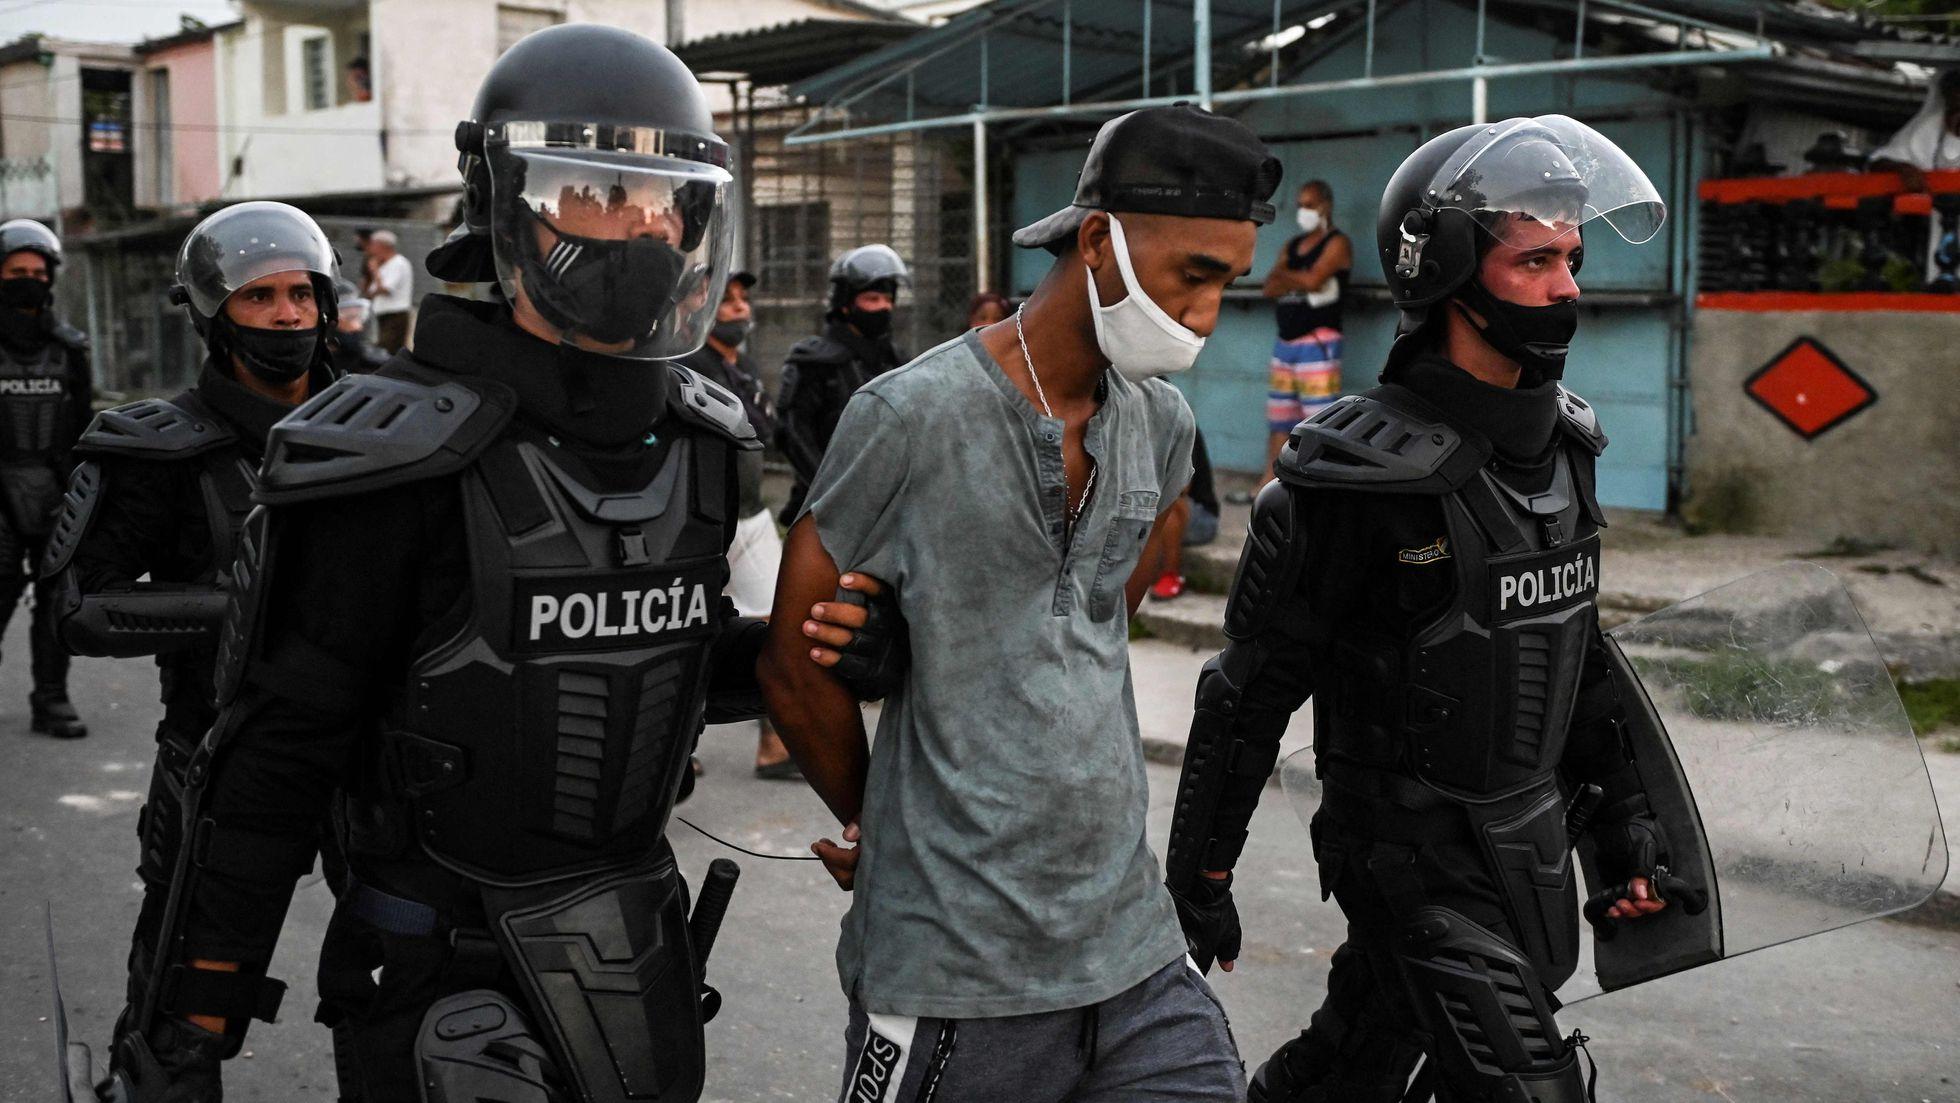 Policía detiene a joven en Cuba durante protestas / Foto: AFP